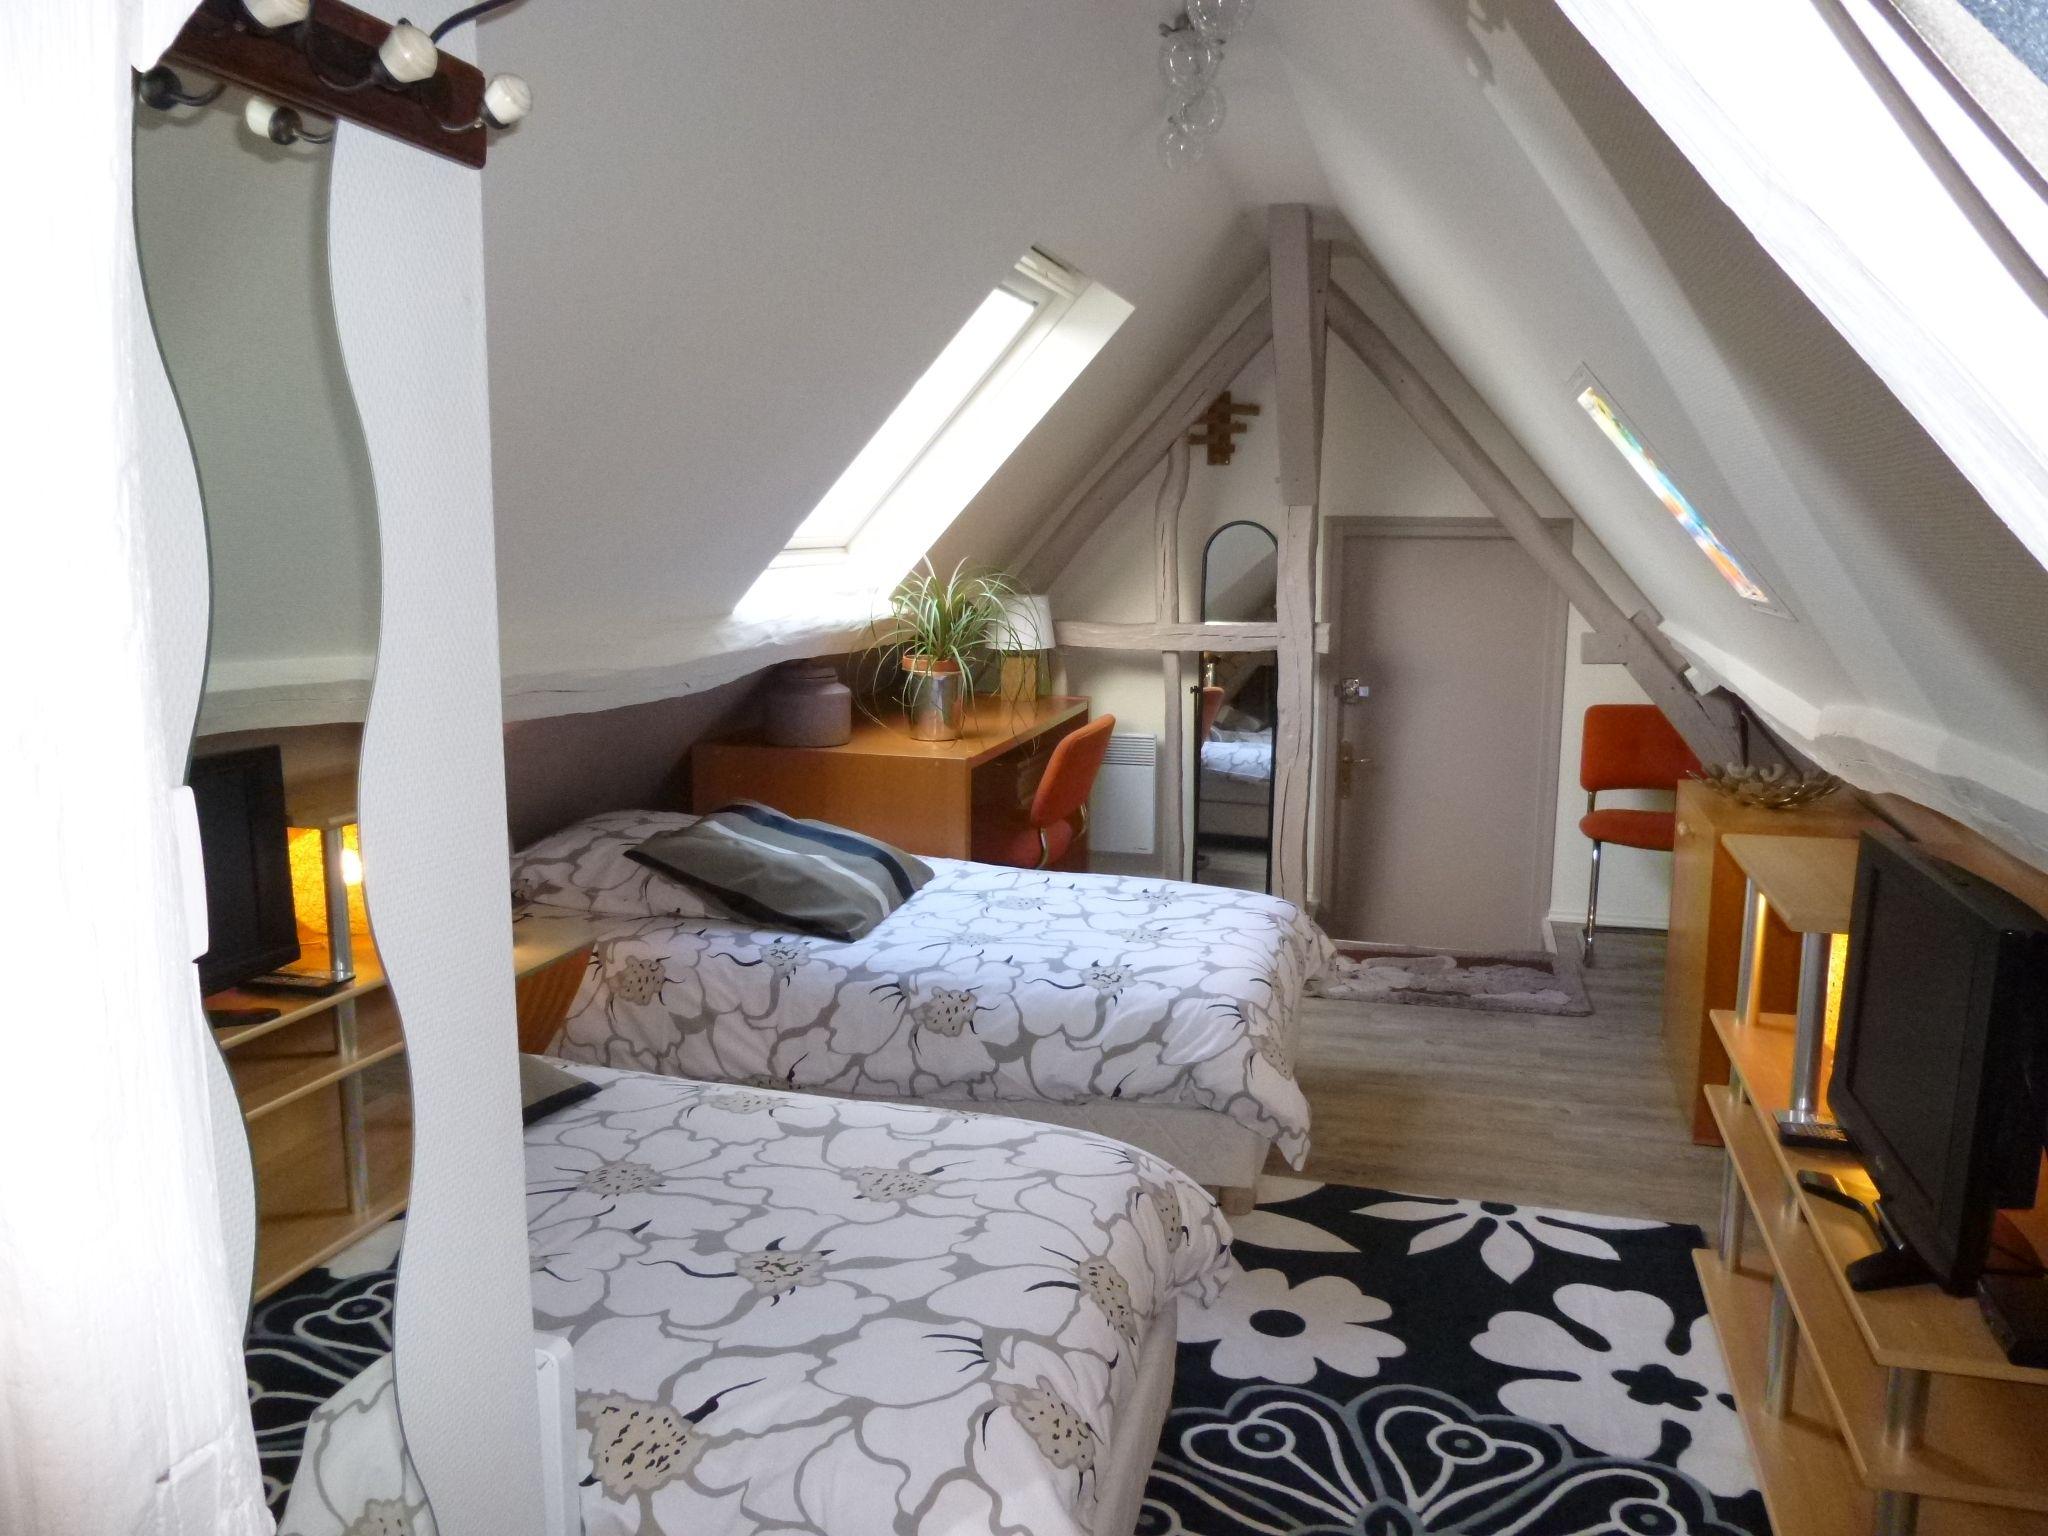 Chambre et salle de bain avec baignoire, sous le toit